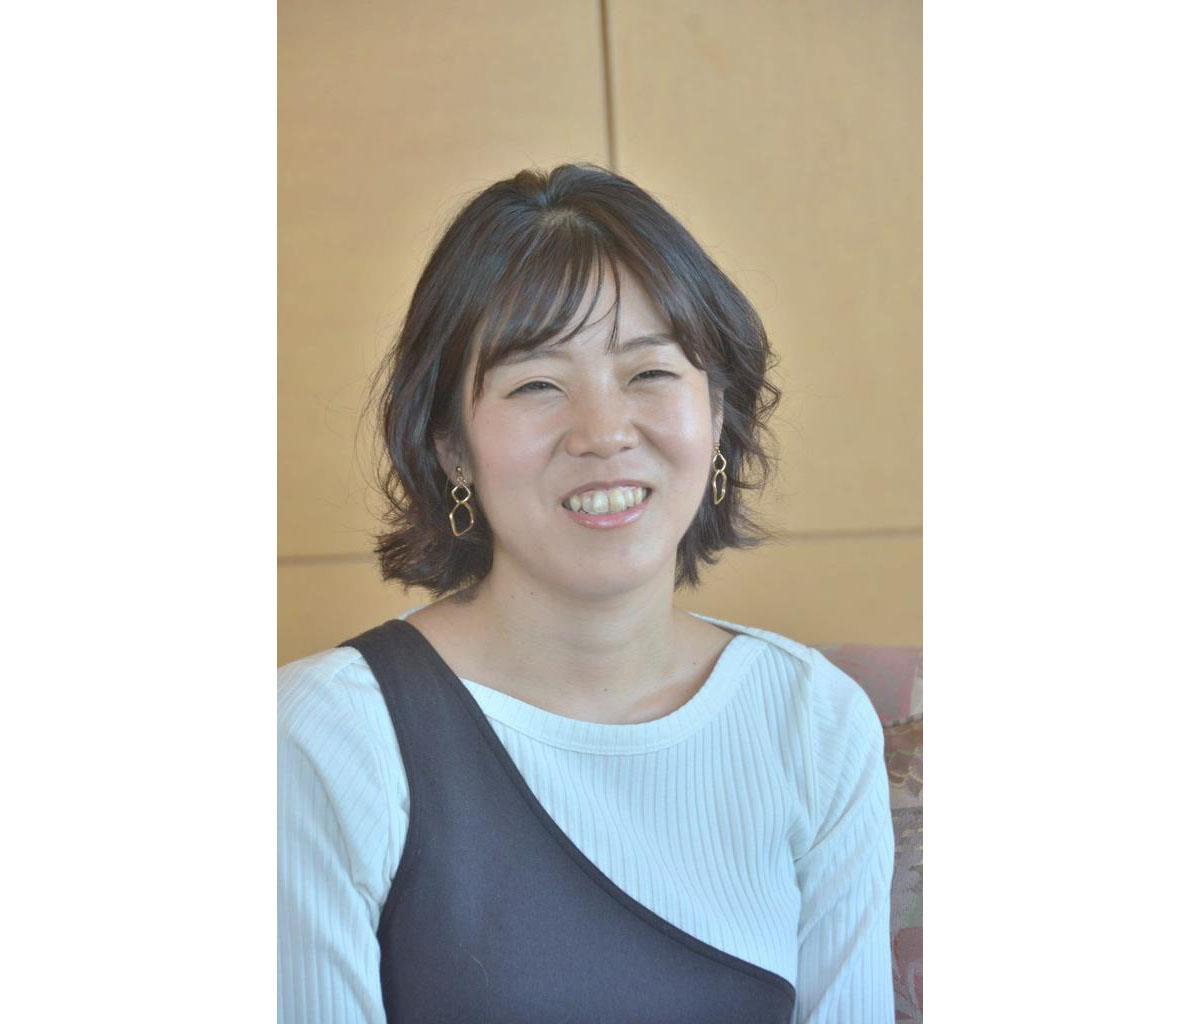 息子は小学生に。「成長したらしたで、やんちゃなところも出てきて大変」と笑う作家の島本理生さん